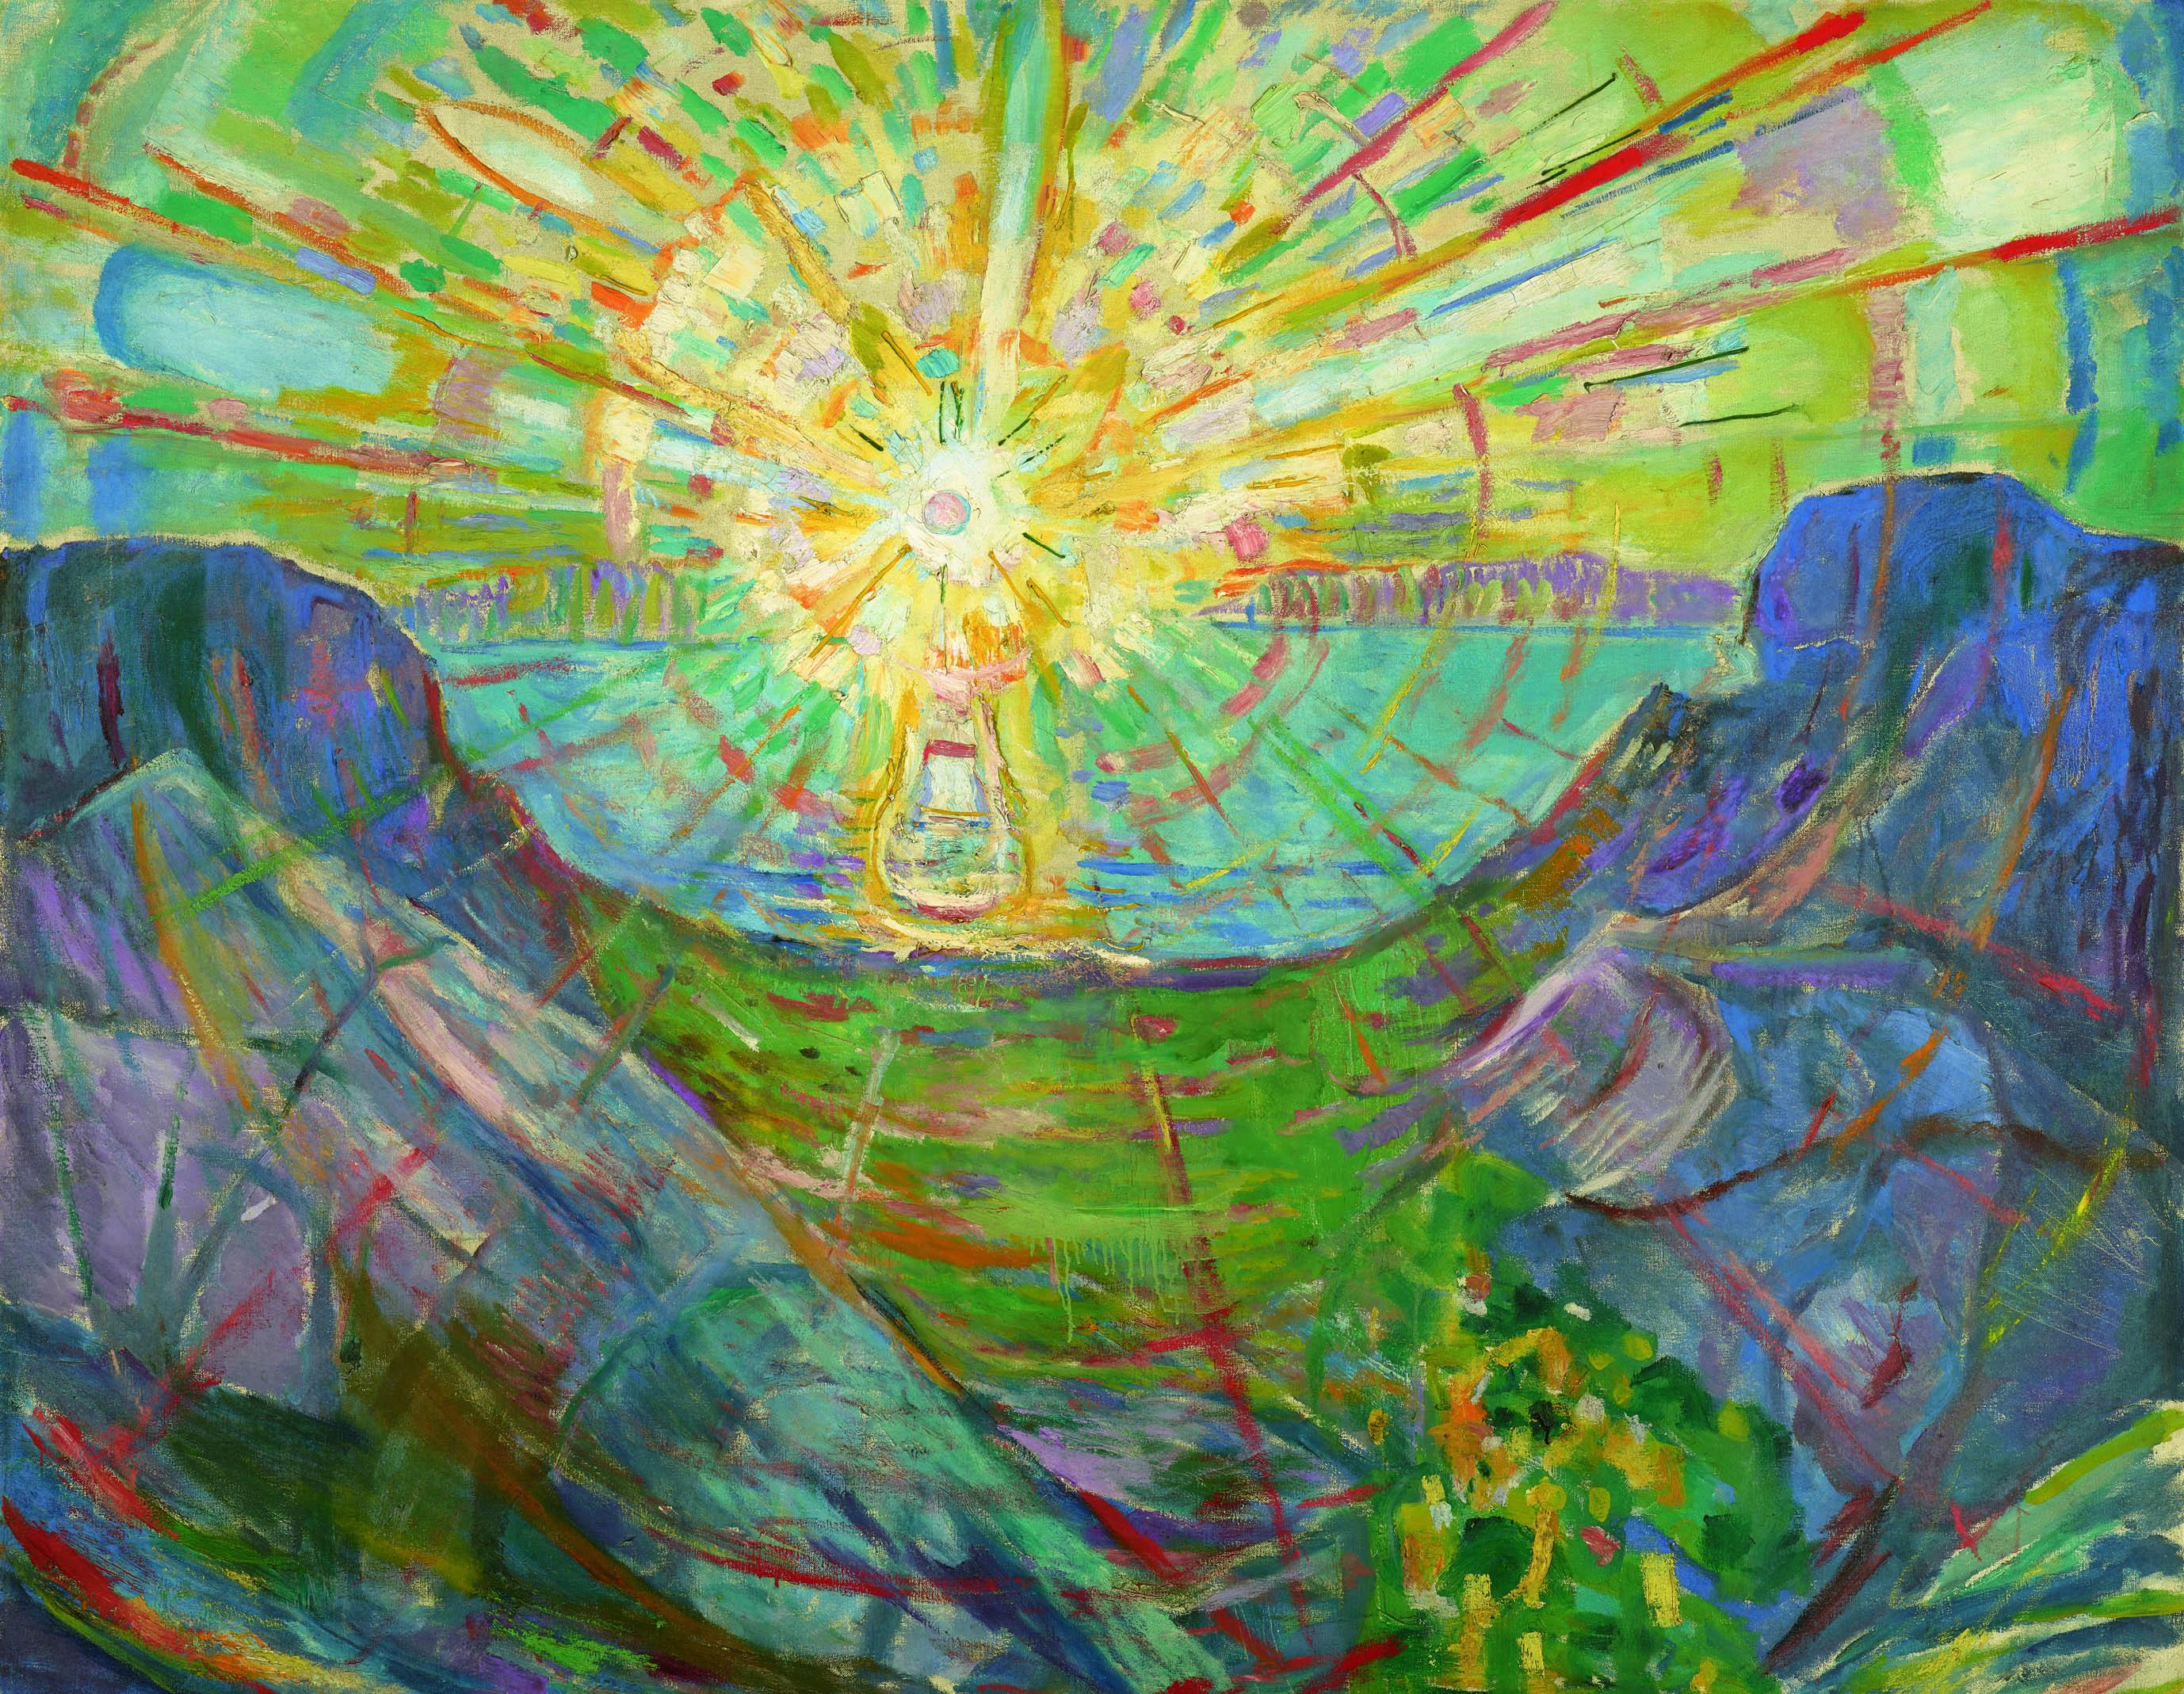 エドヴァルド・ムンク《太陽》1910-13年 油彩、カンヴァス 162×205cm